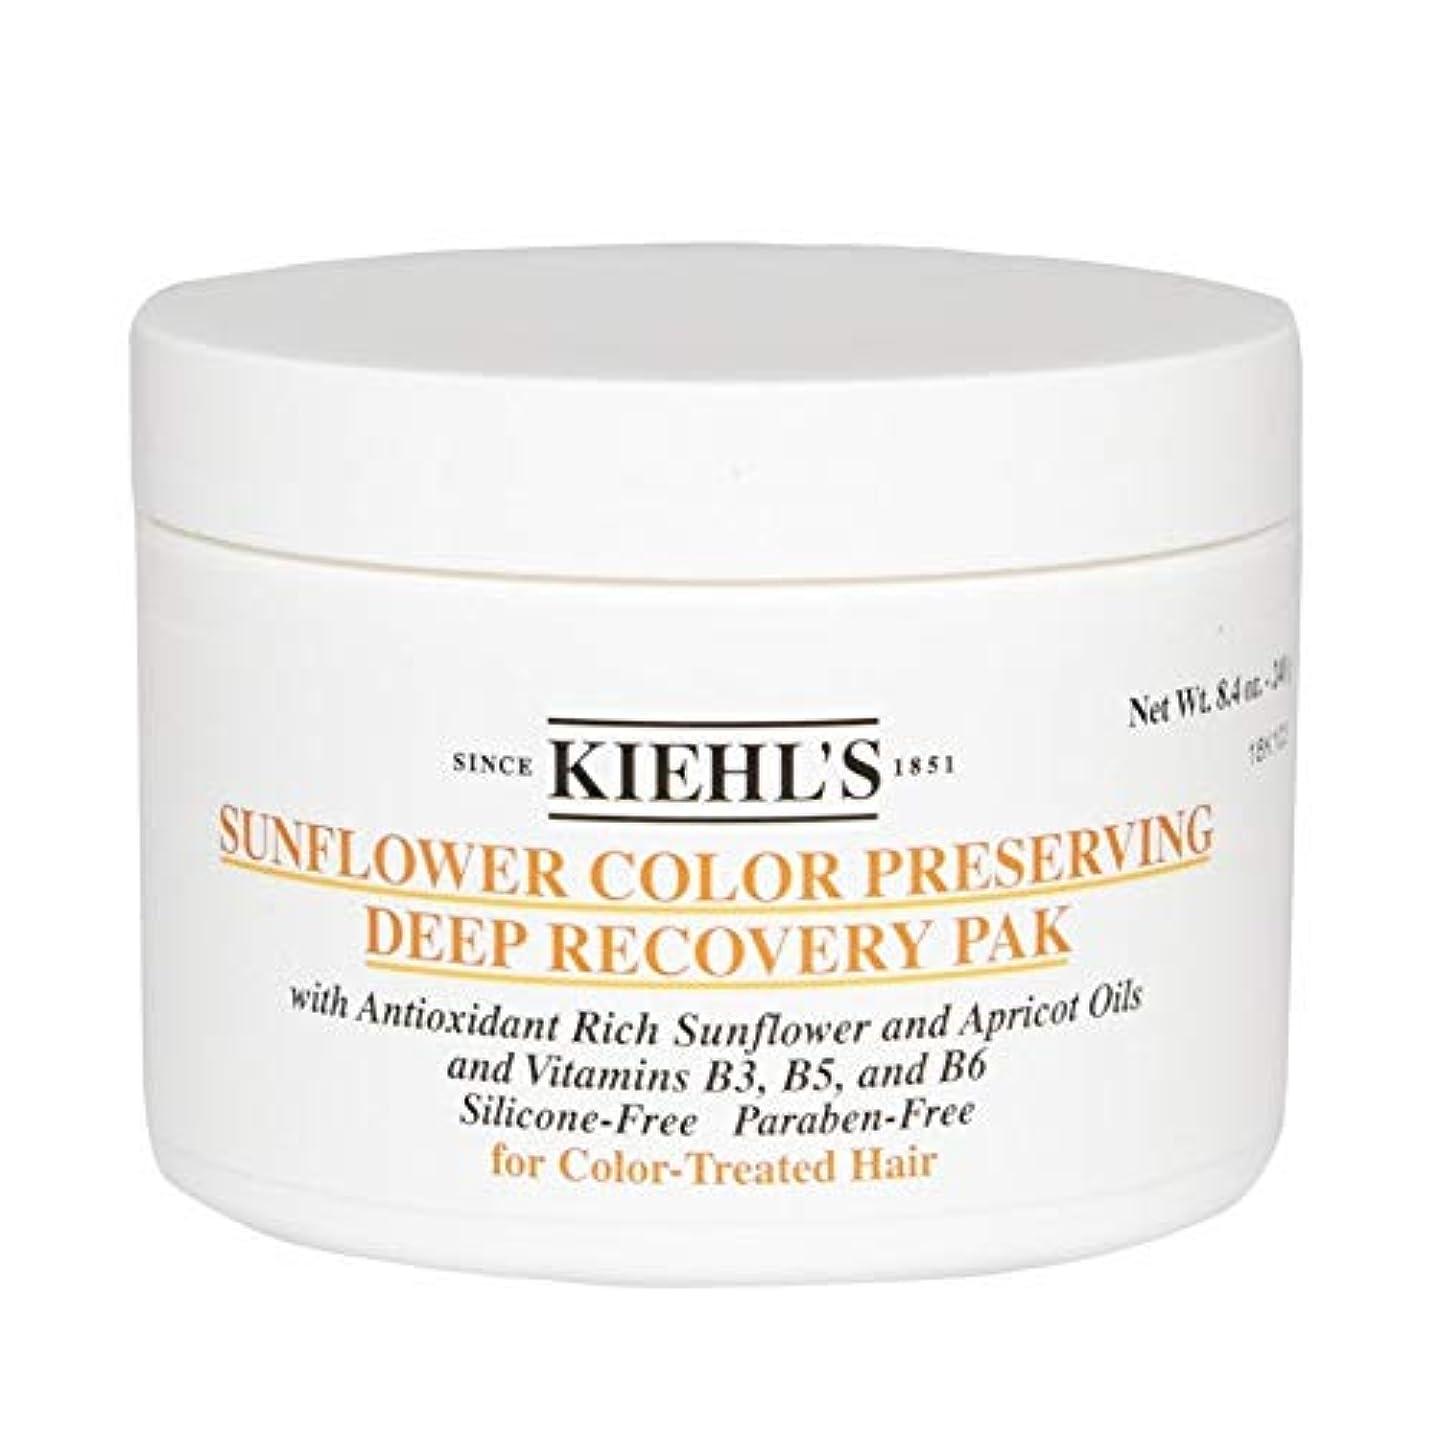 クラックエクスタシー見えない[Kiehl's ] キールズひまわり色保存深い回復Pak 250グラム - Kiehl's Sunflower Colour Preserving Deep Recovery Pak 250g [並行輸入品]